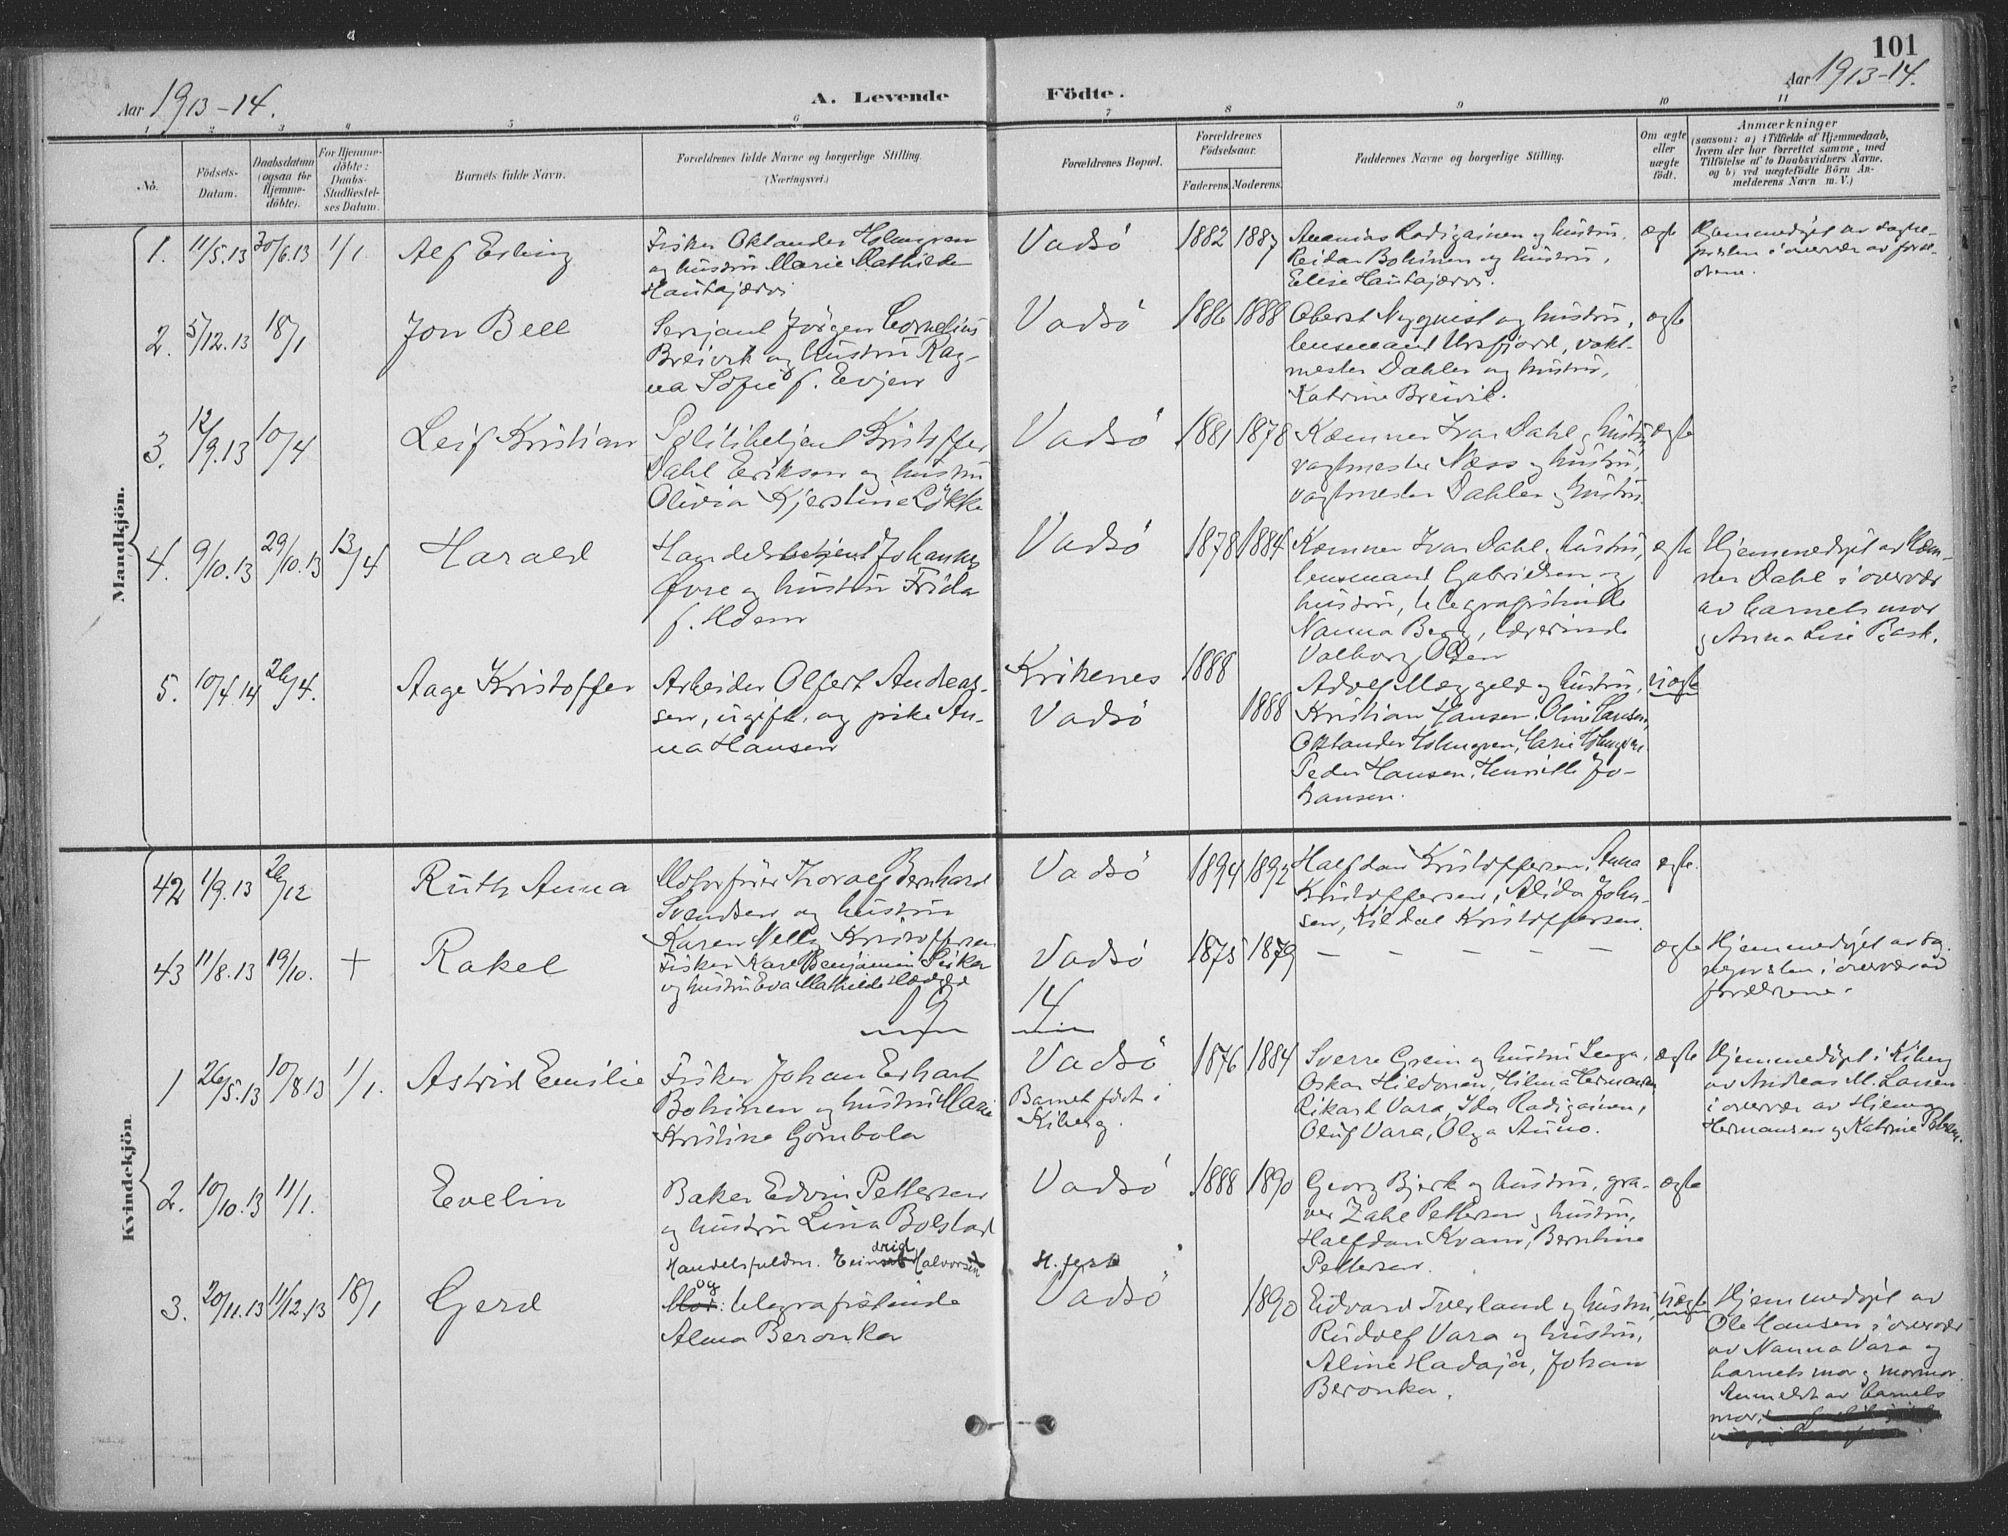 SATØ, Vadsø sokneprestkontor, H/Ha/L0007kirke: Ministerialbok nr. 7, 1896-1916, s. 101